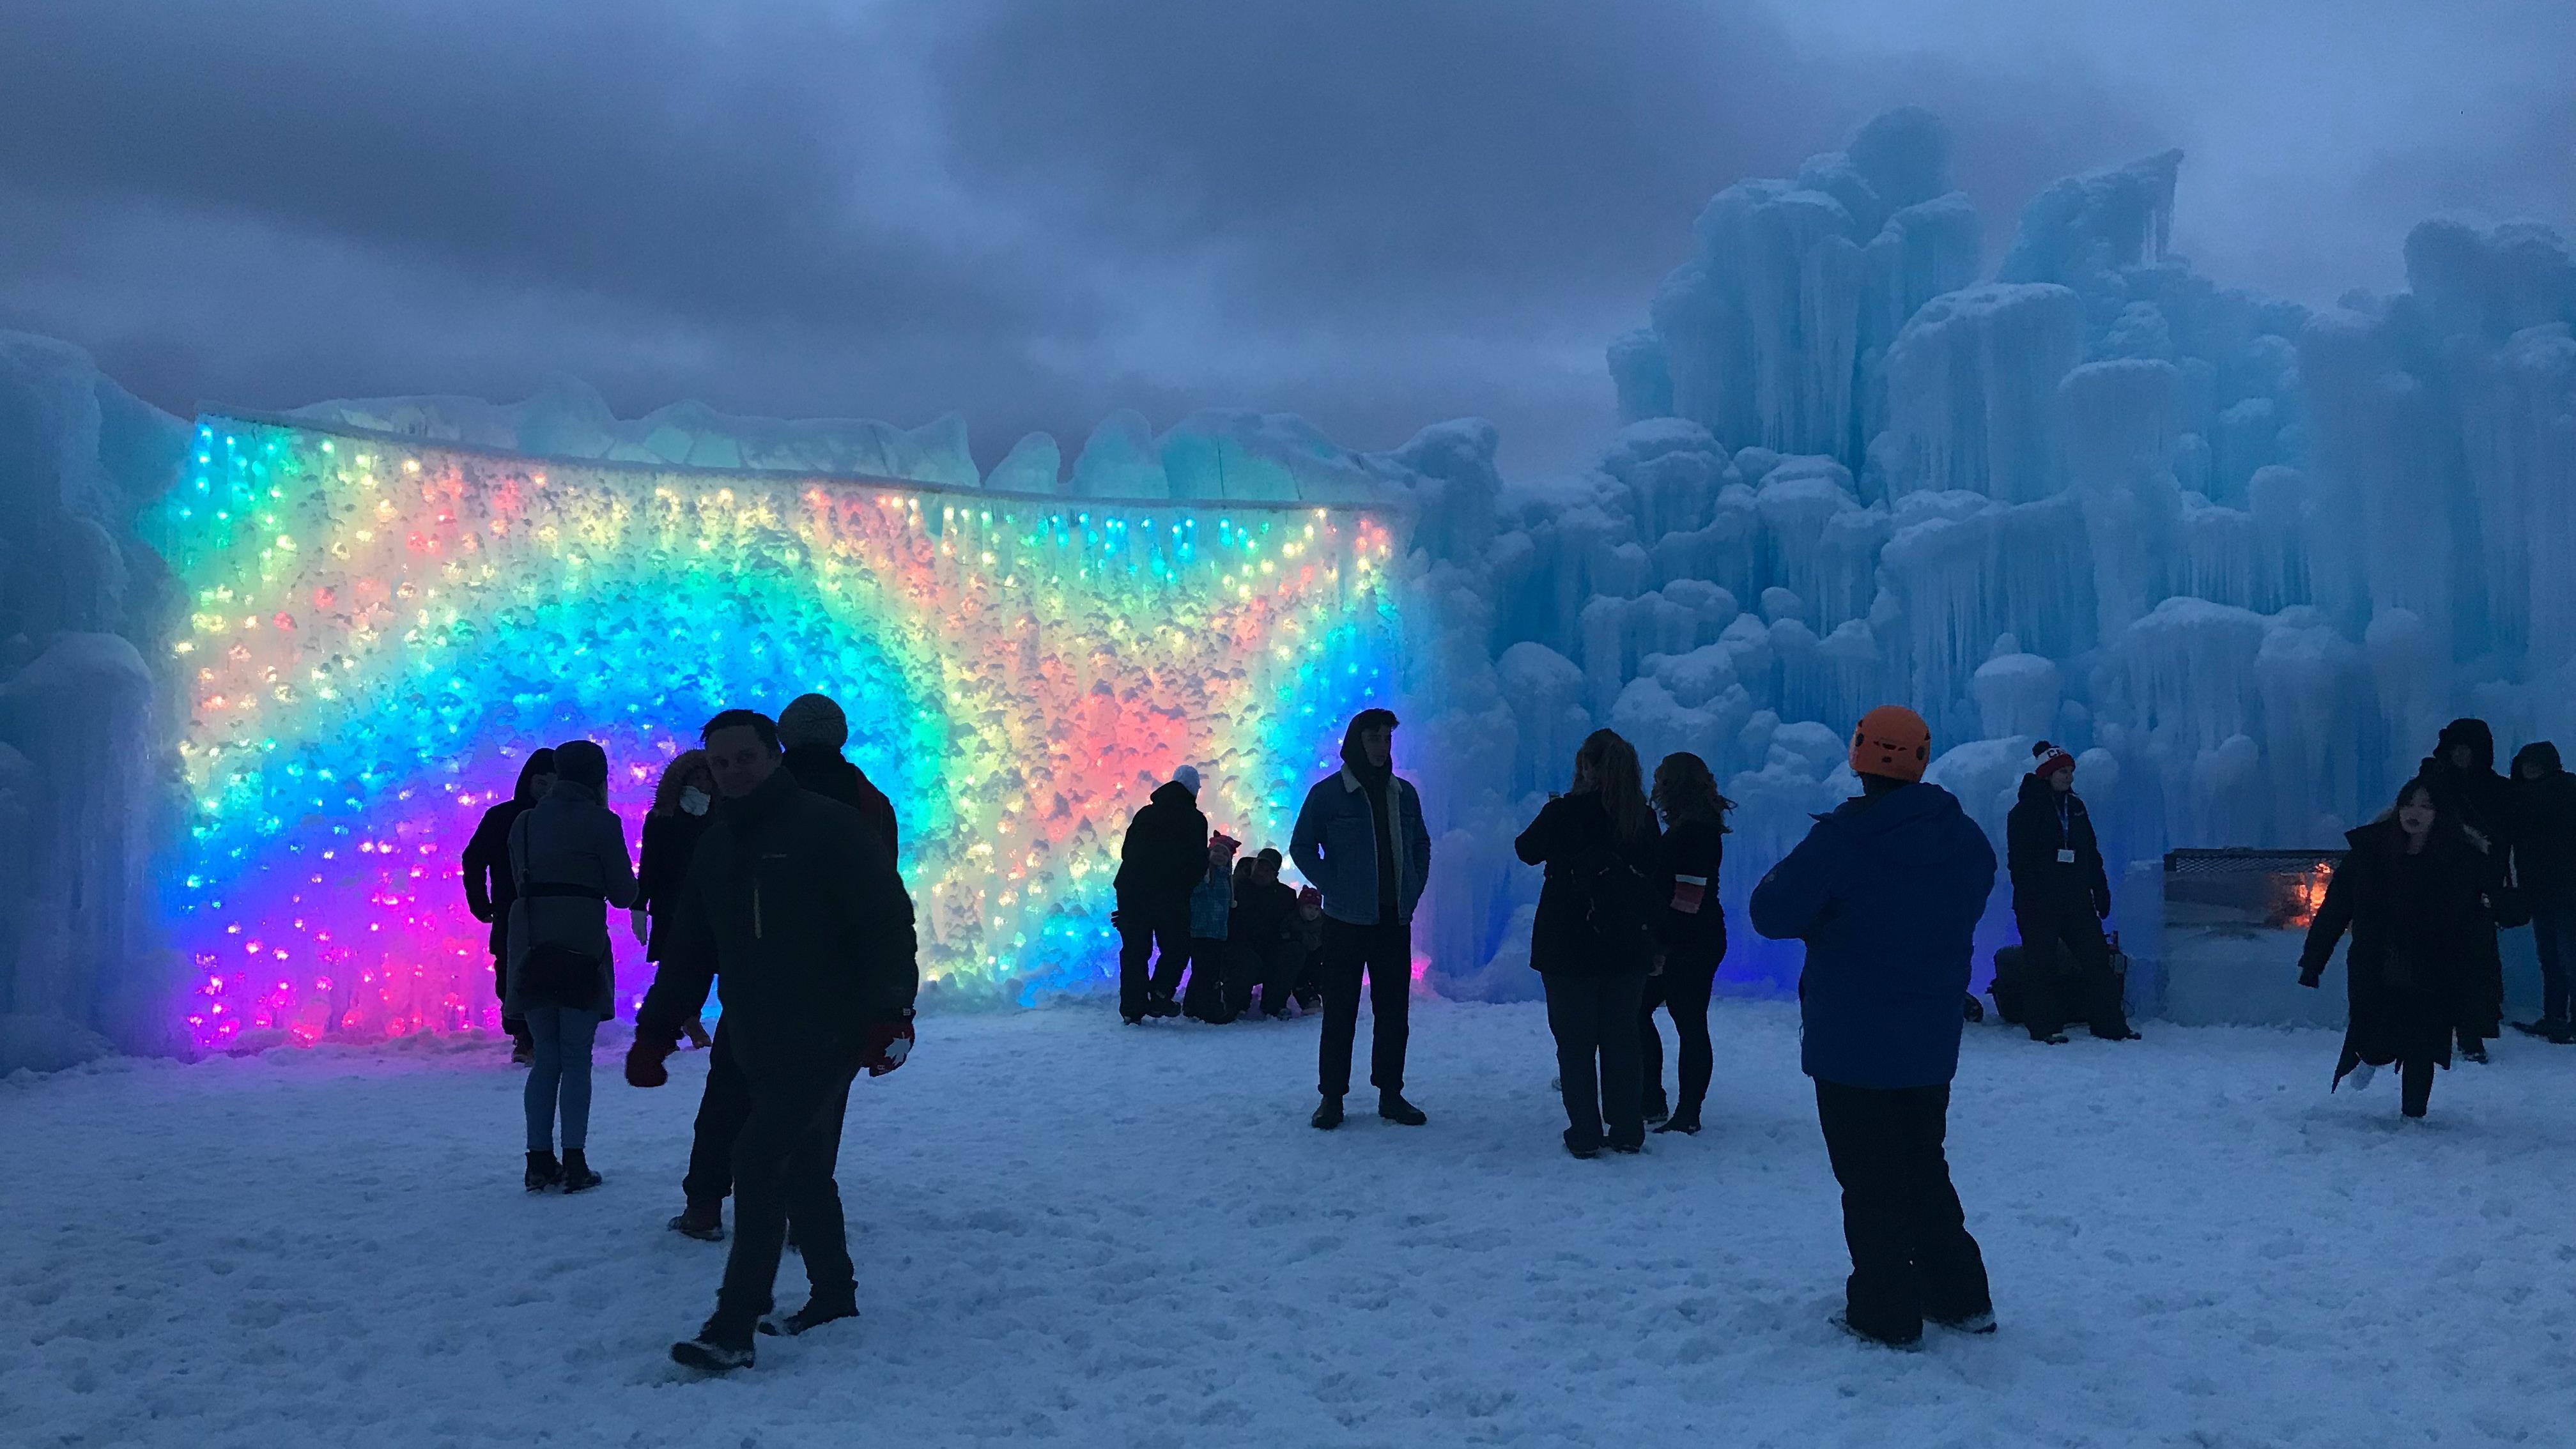 Des lumières multicolores illuminent un mur de glace.